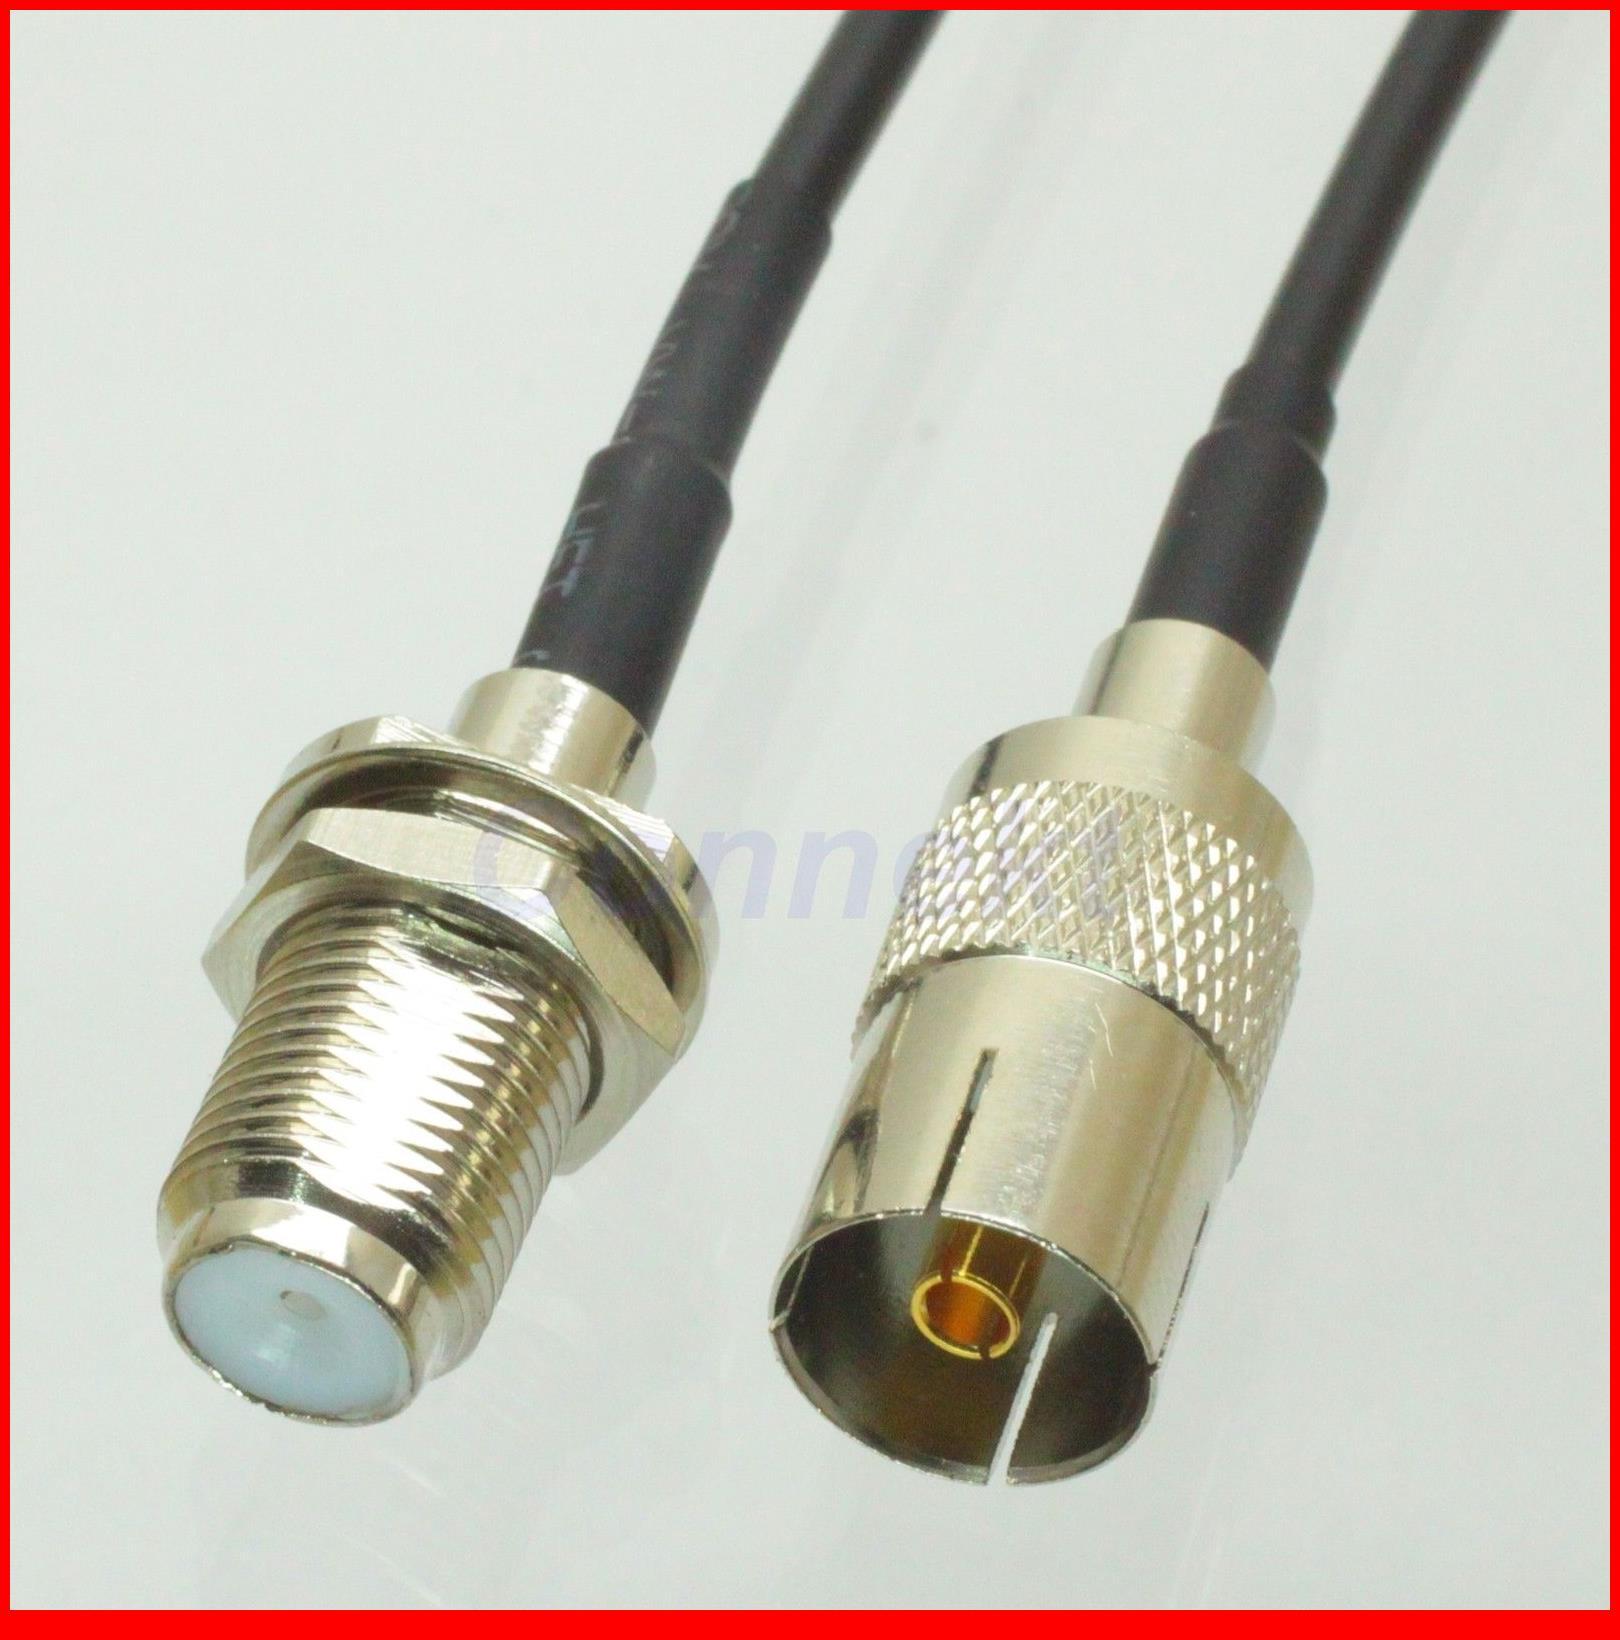 5 قطعة/الوحدة IEC dvb-t TV PAL الإناث إلى F الإناث الجوز RG174 الطائر ضفيرة 15 سنتيمتر